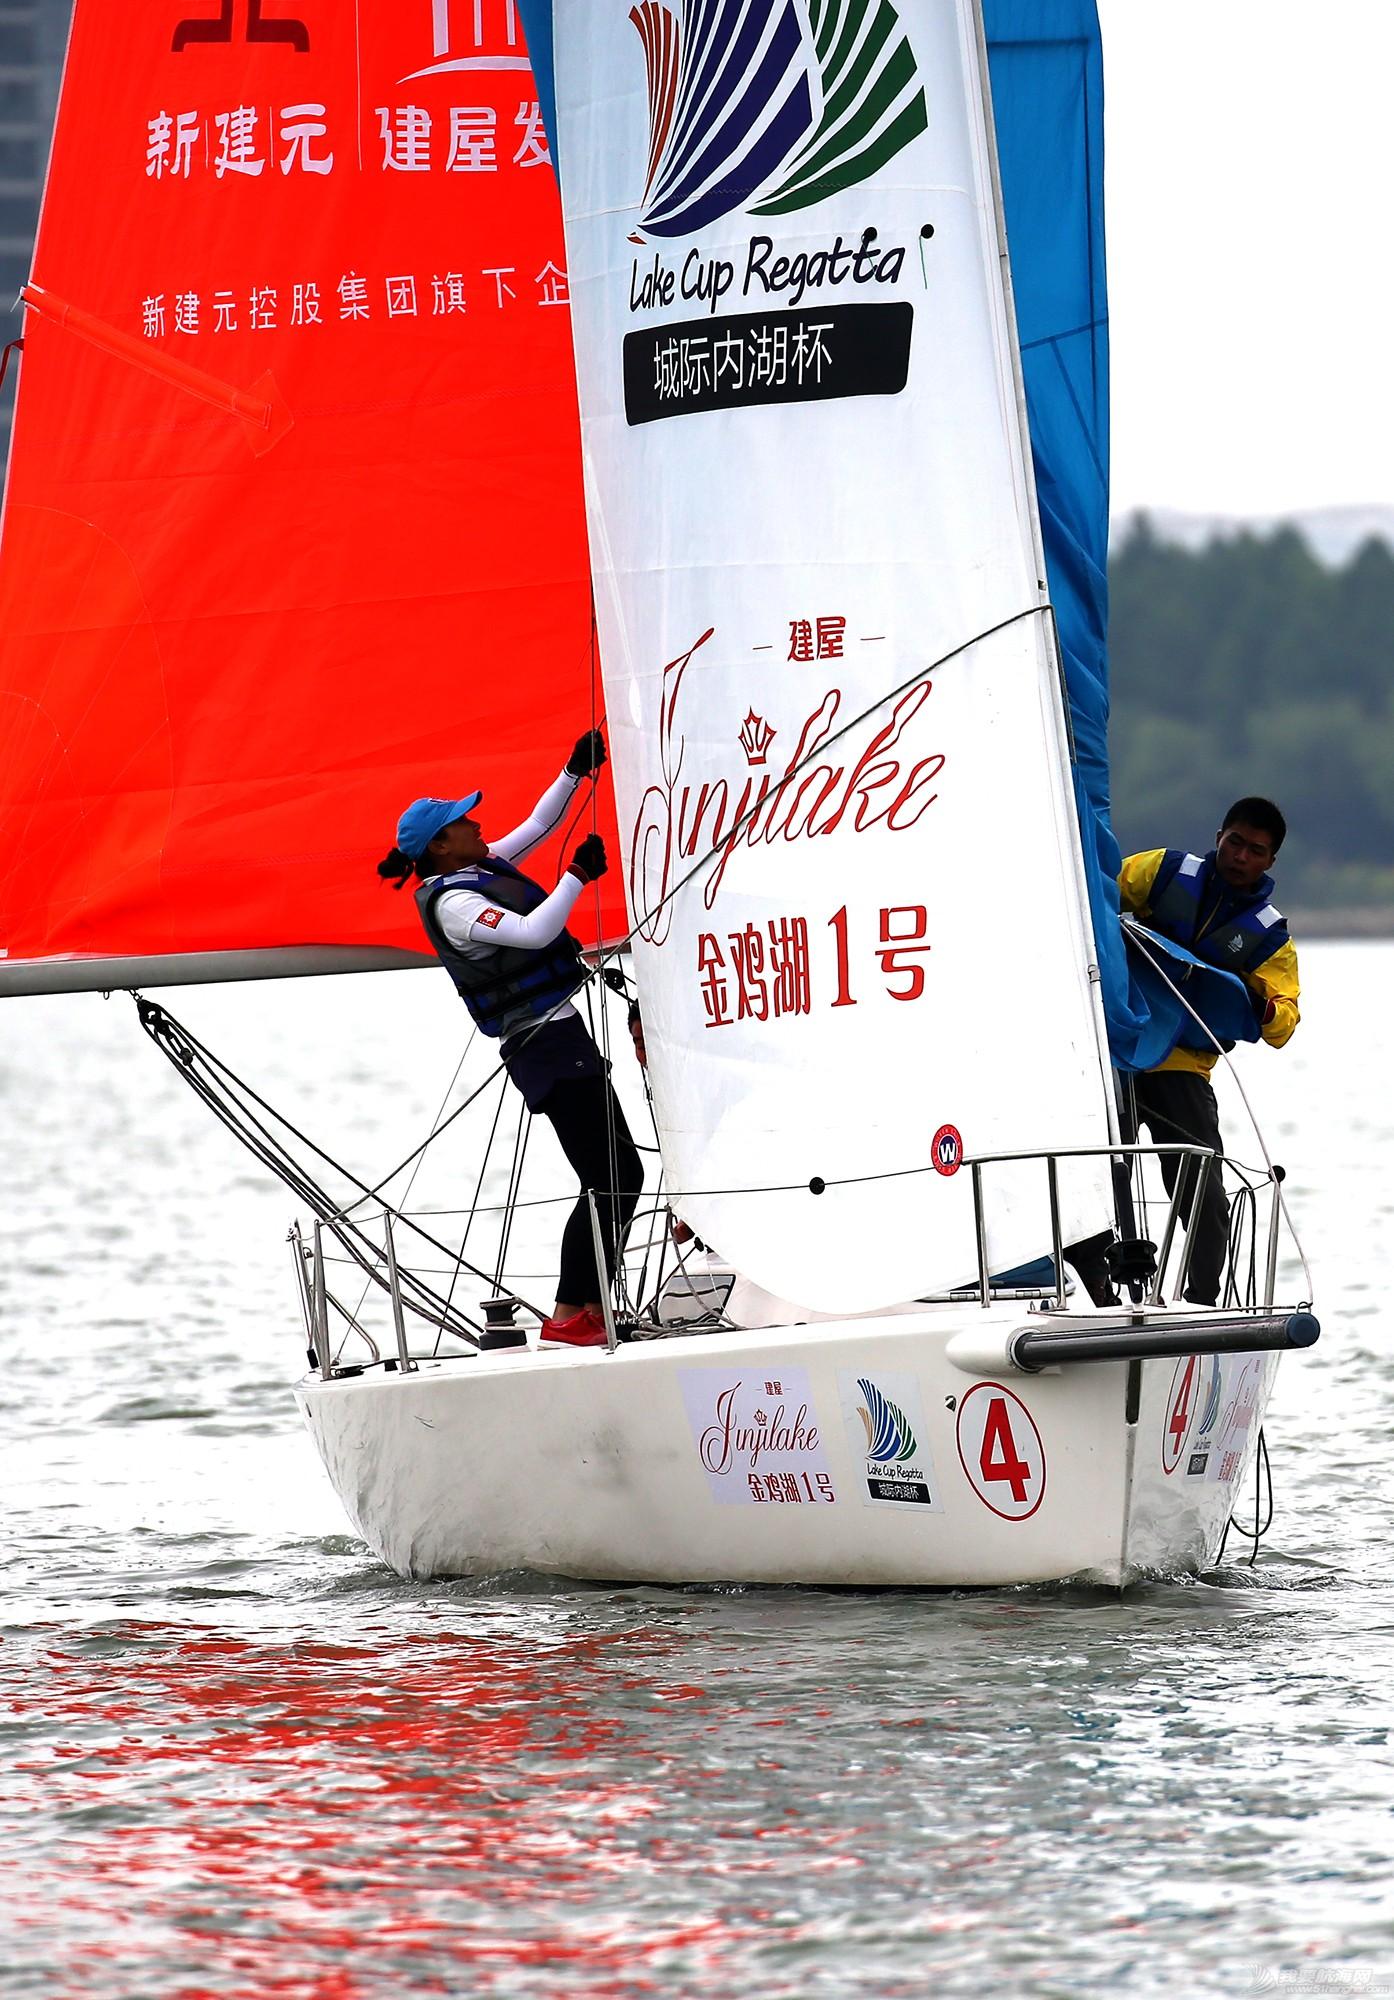 帆船,空间 帆船是灰度空间里跳动的彩色音符 E78W8965.JPG